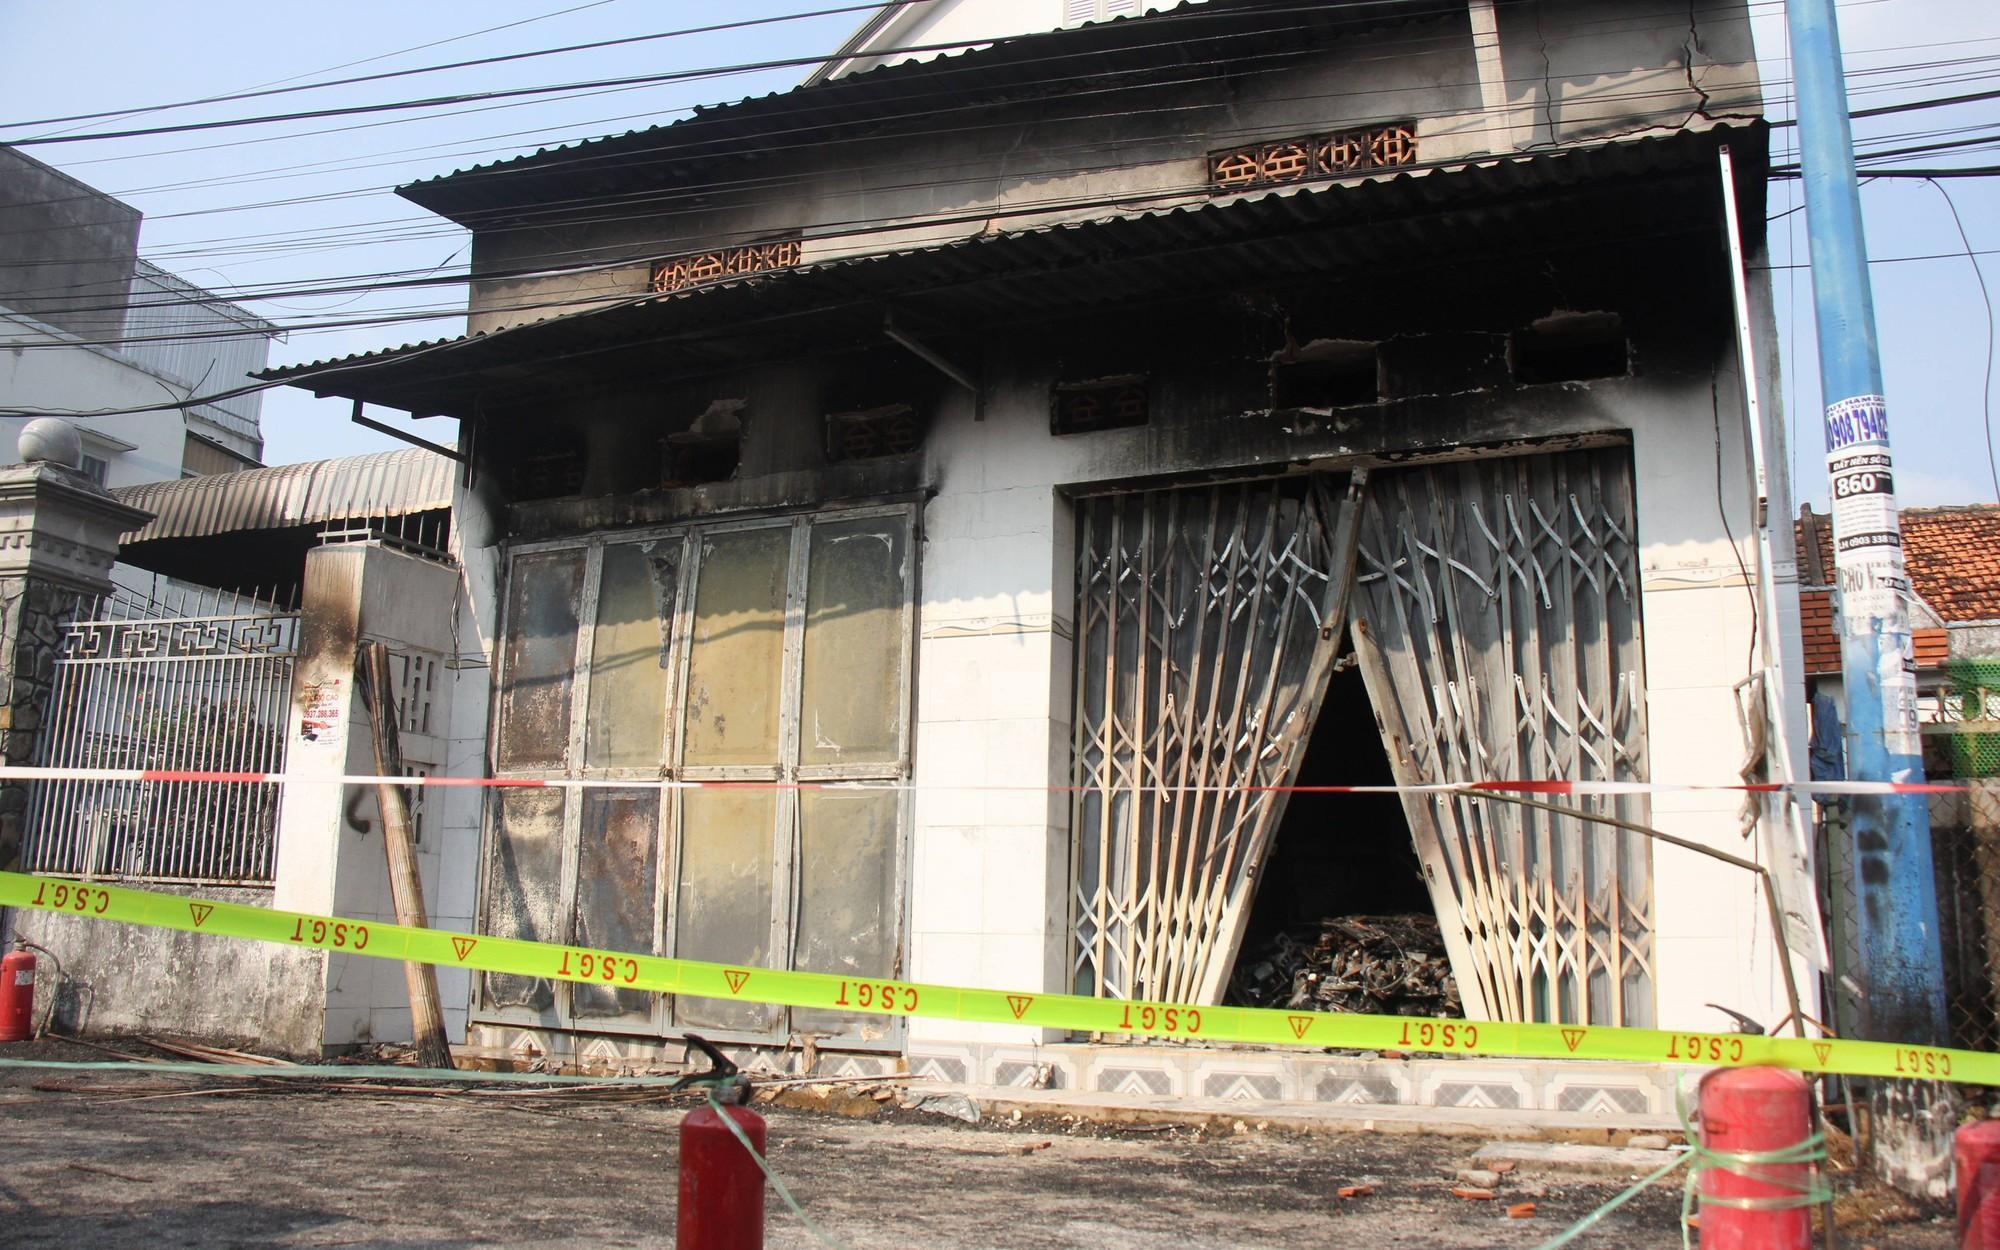 Cháy cửa hàng điện tử, 3 người một gia đình chết thảm, trong đó có bé gái mới 10 tuổi